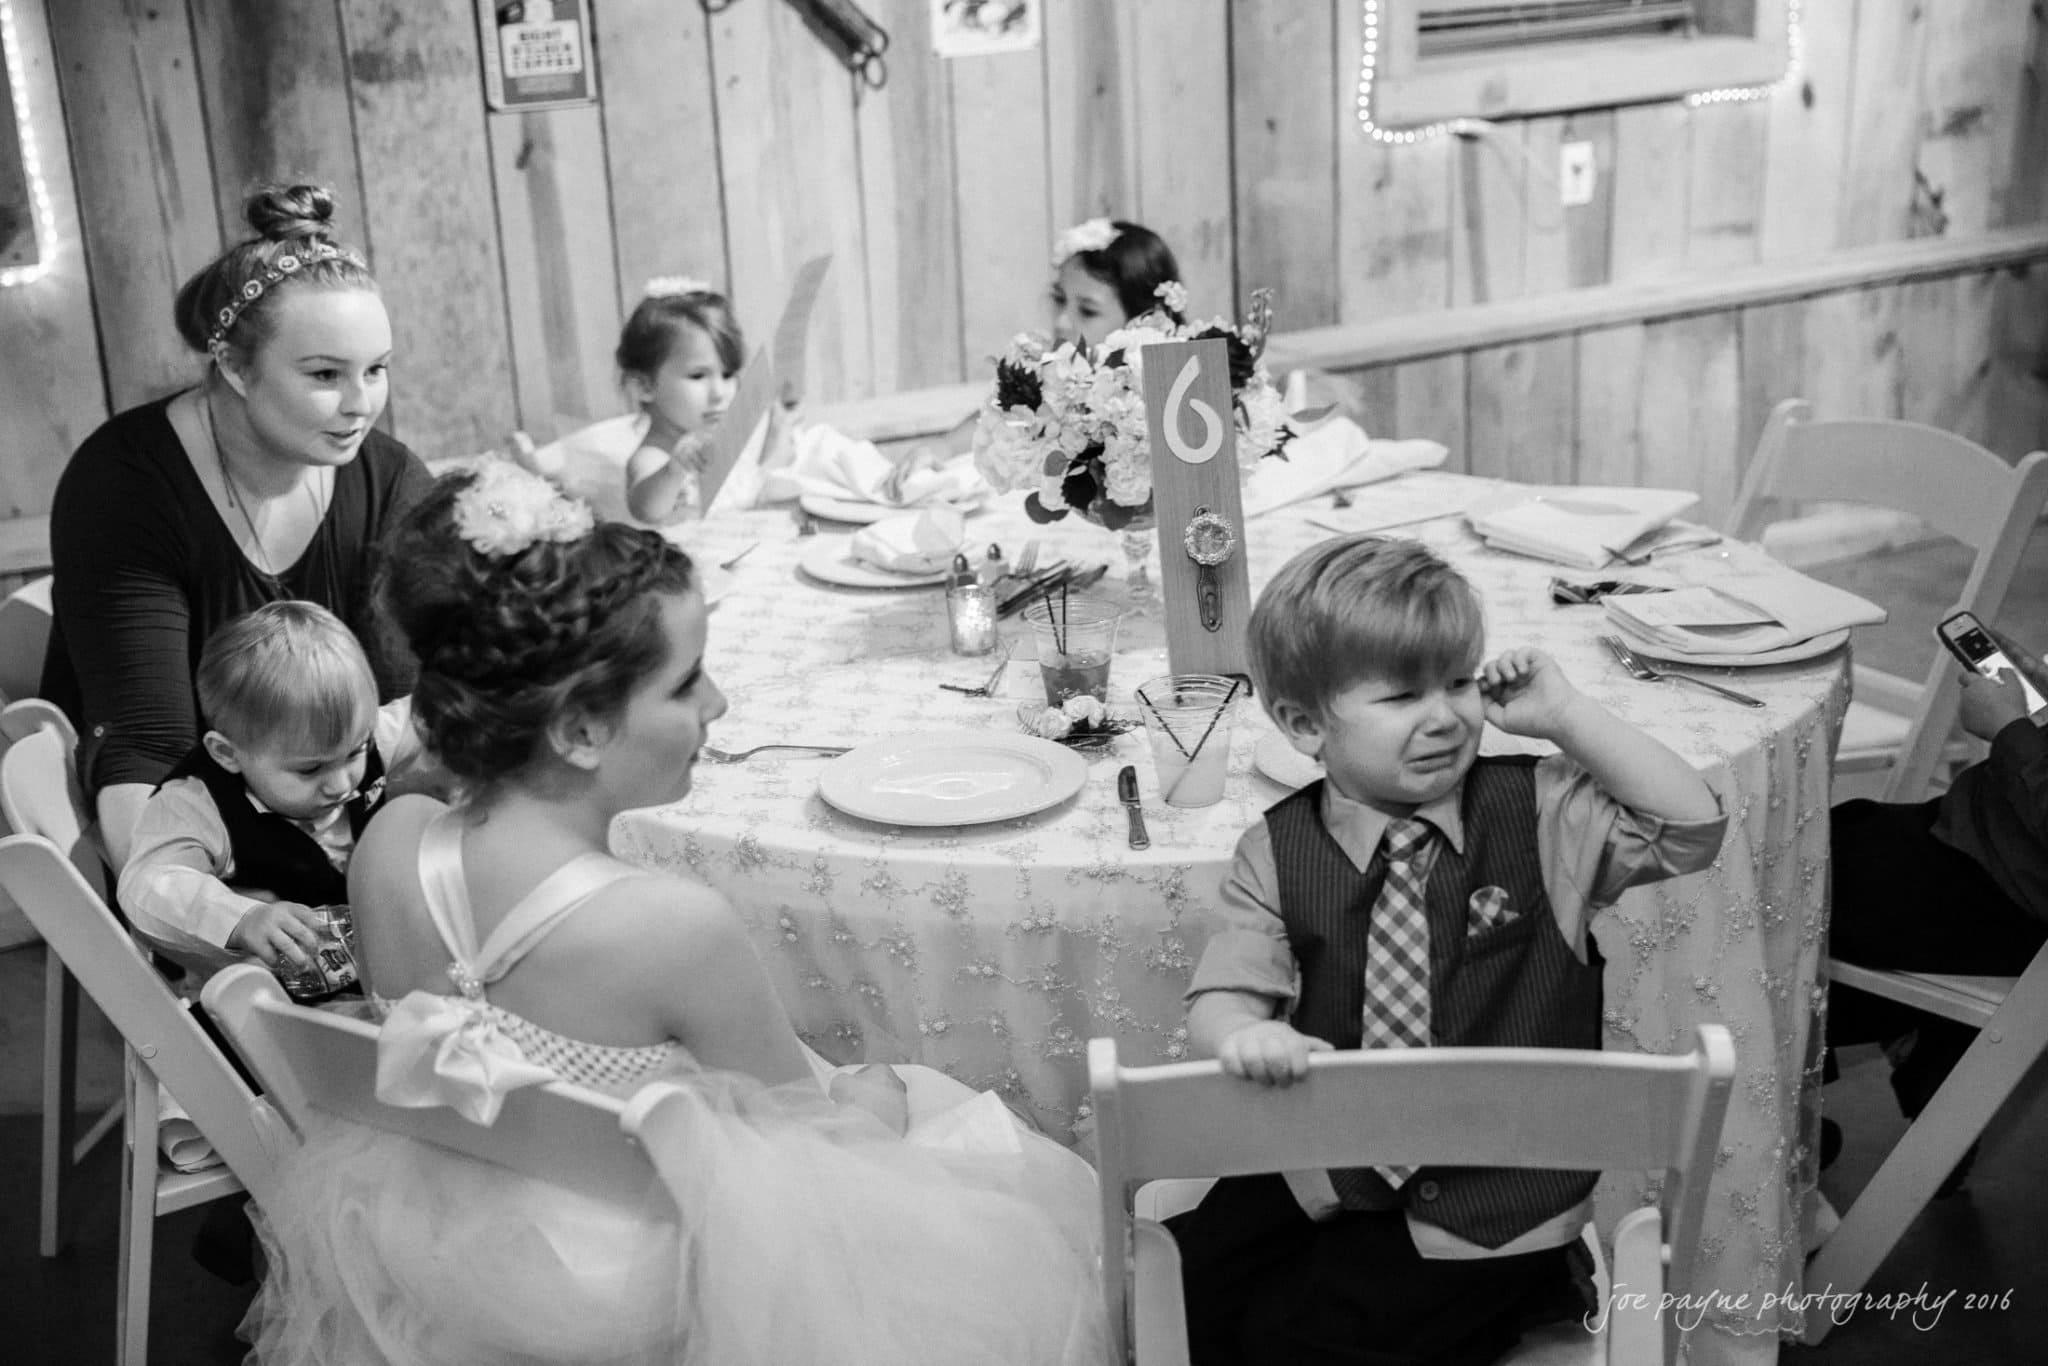 shady-wagon-farm-wedding-photography-danielle-josh-48